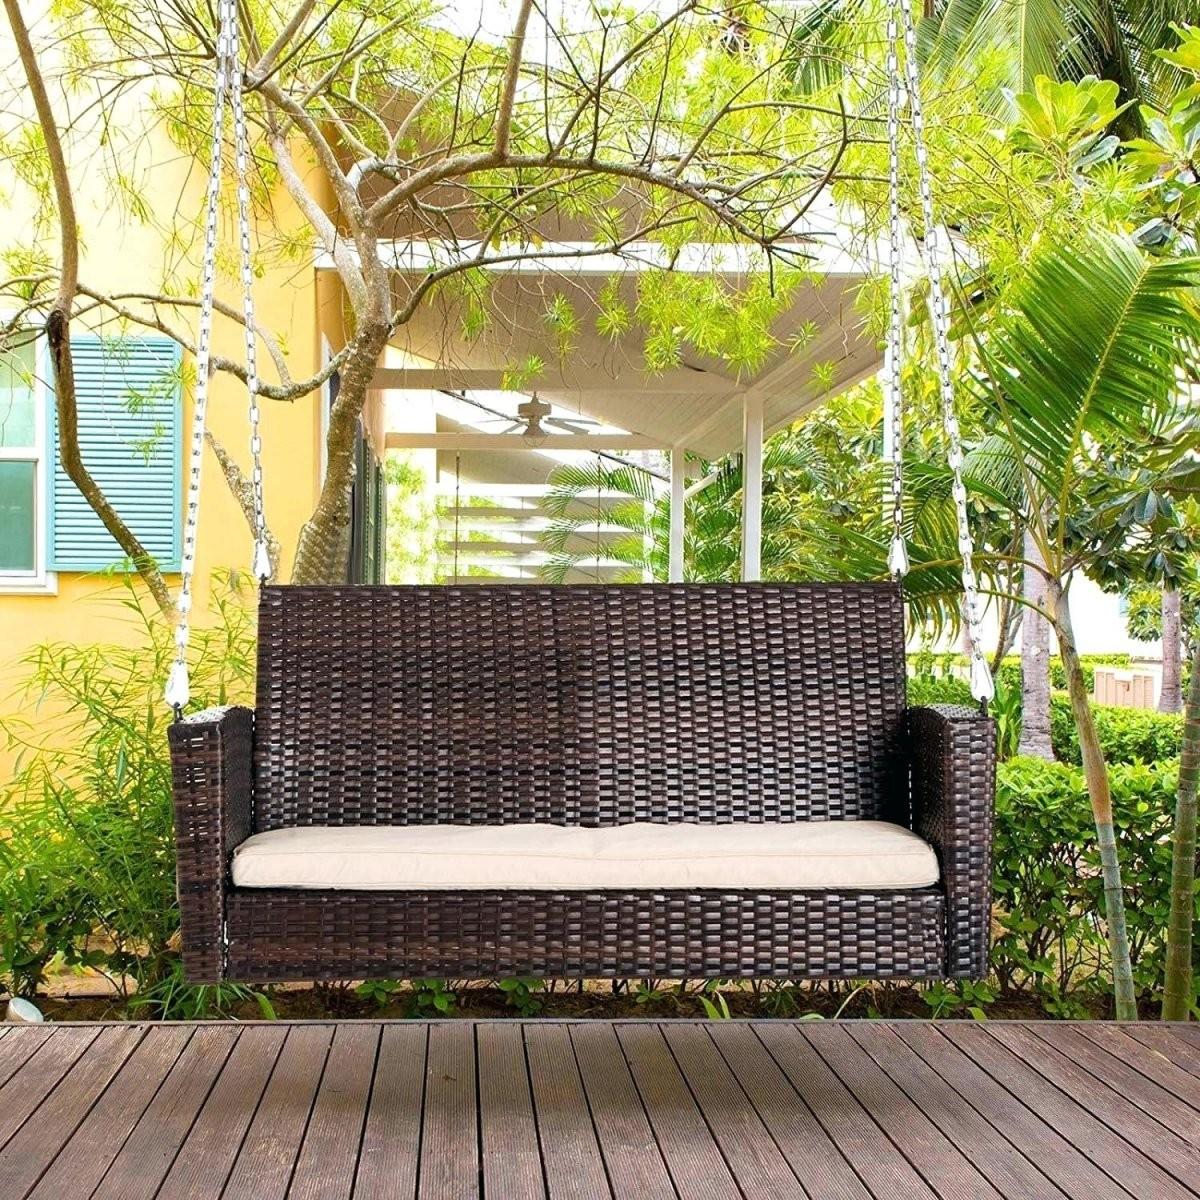 Hanging Porch Swing Round Hanging Porch Swing Bed – Bigfeedclub von Round Porch Swing Bed Photo